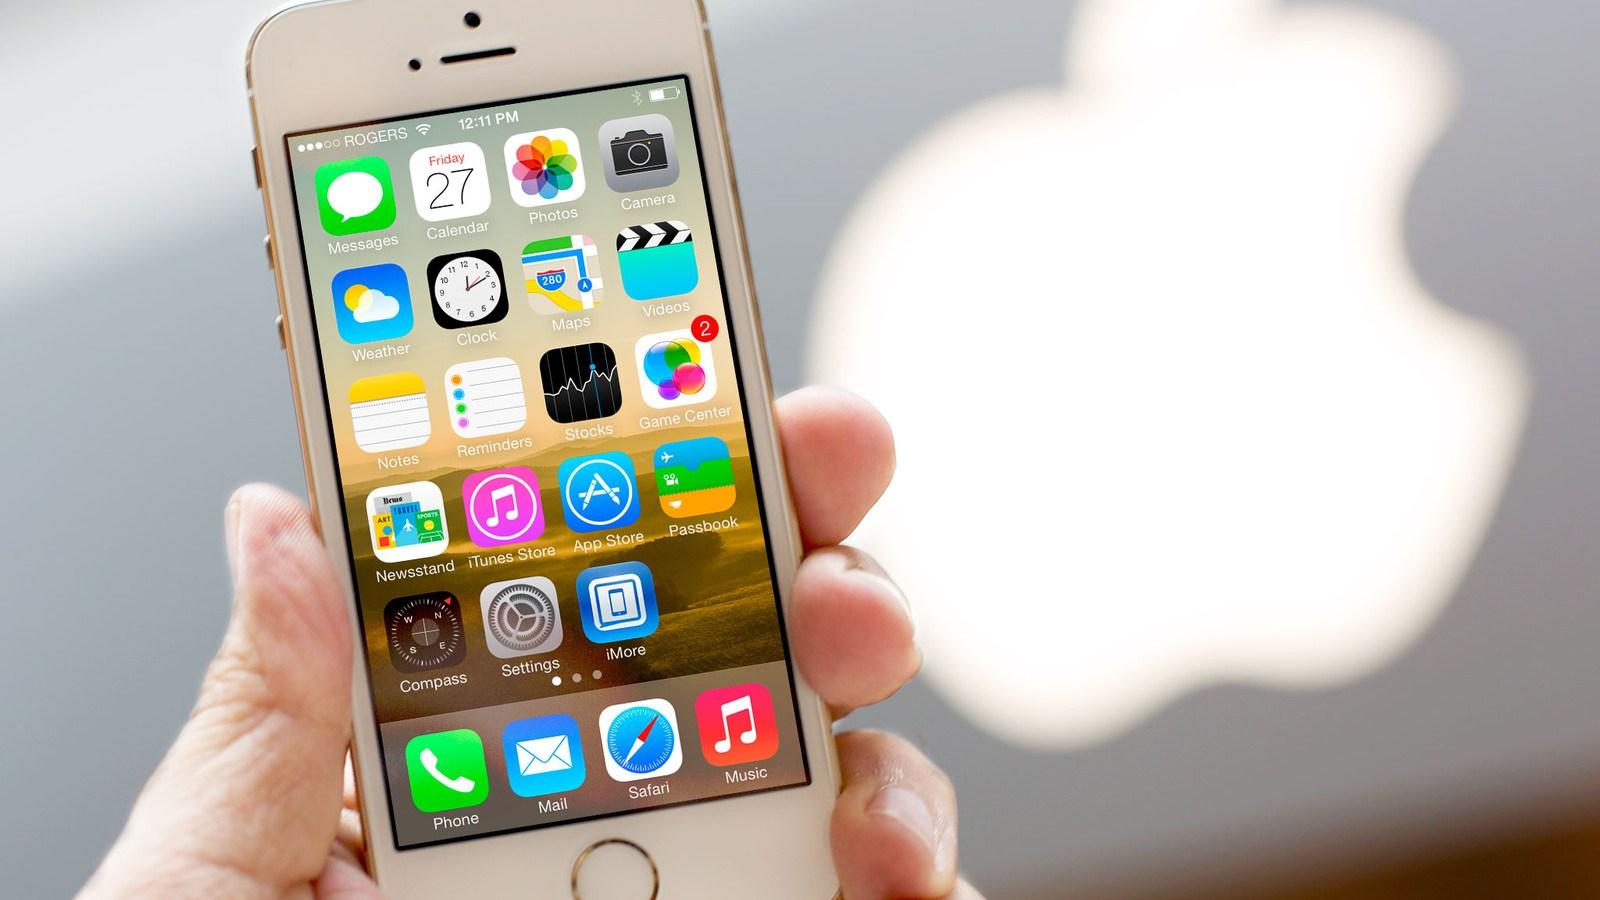 Come risparmiare traffico dati iPhone: 10 consigli